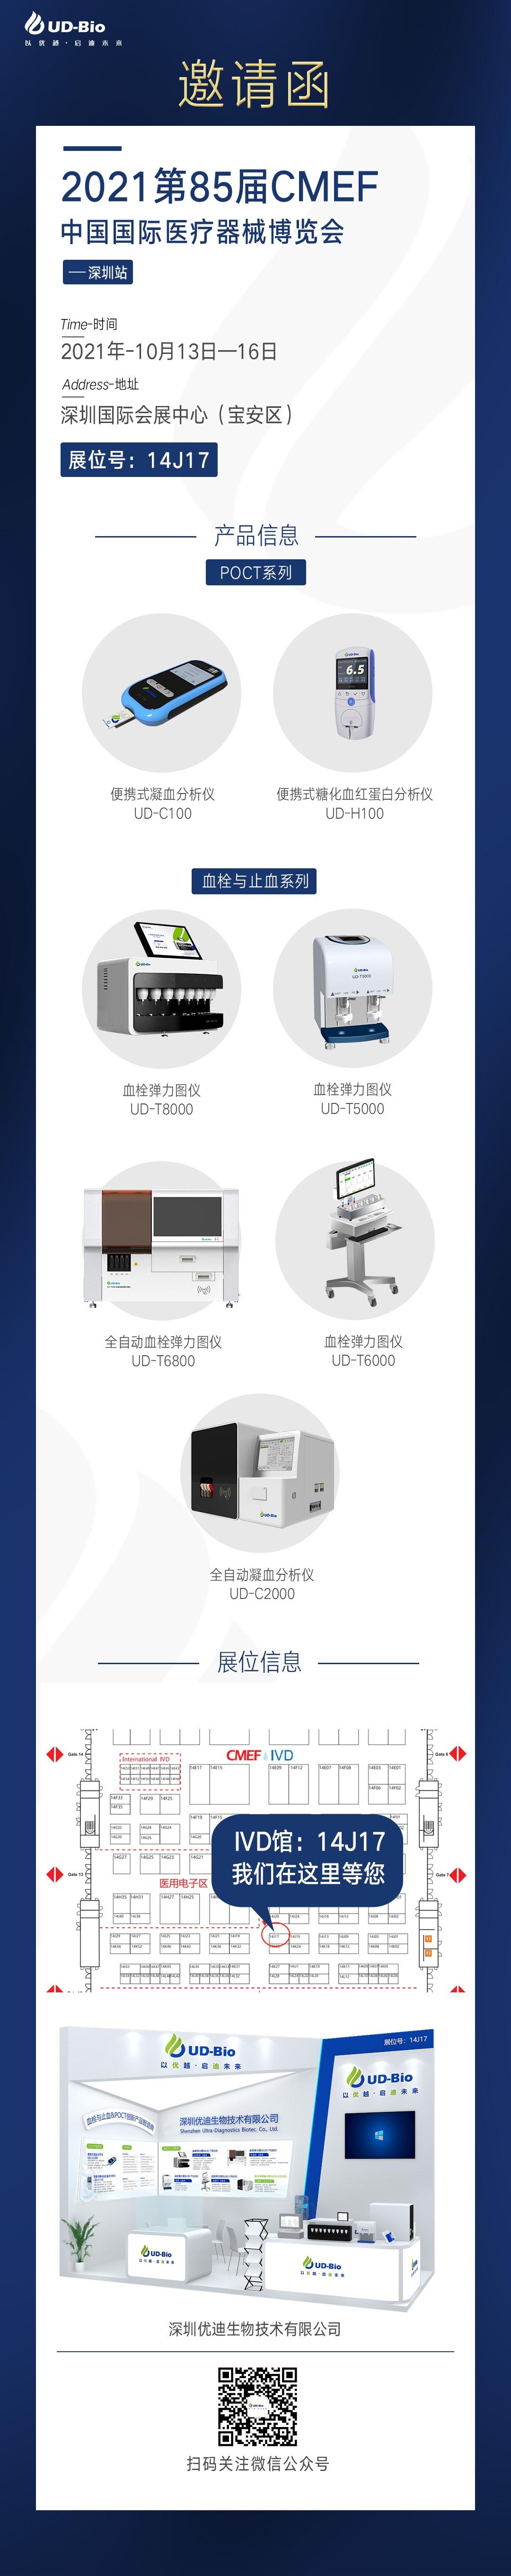 2021深圳CMEF邀请函-竖V2.jpg